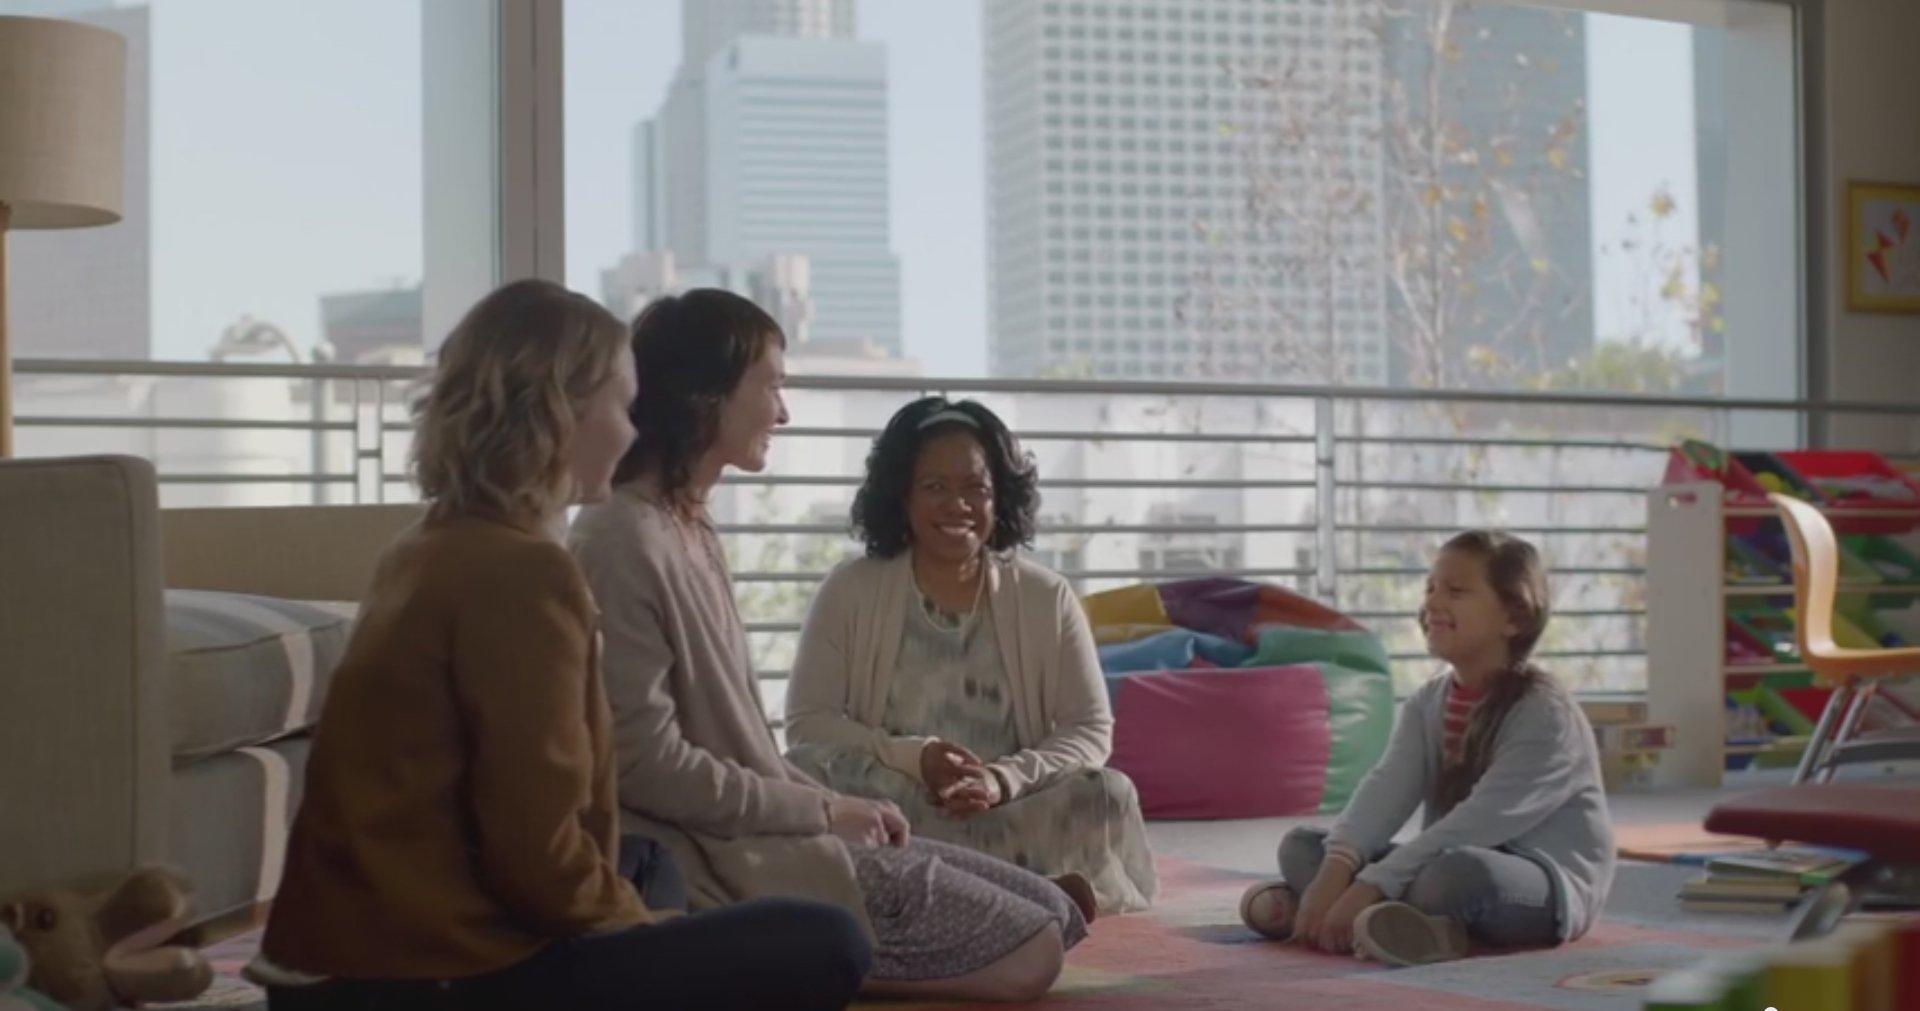 Une adoption homoparentale dans une publicité de la banque Wells Fargo